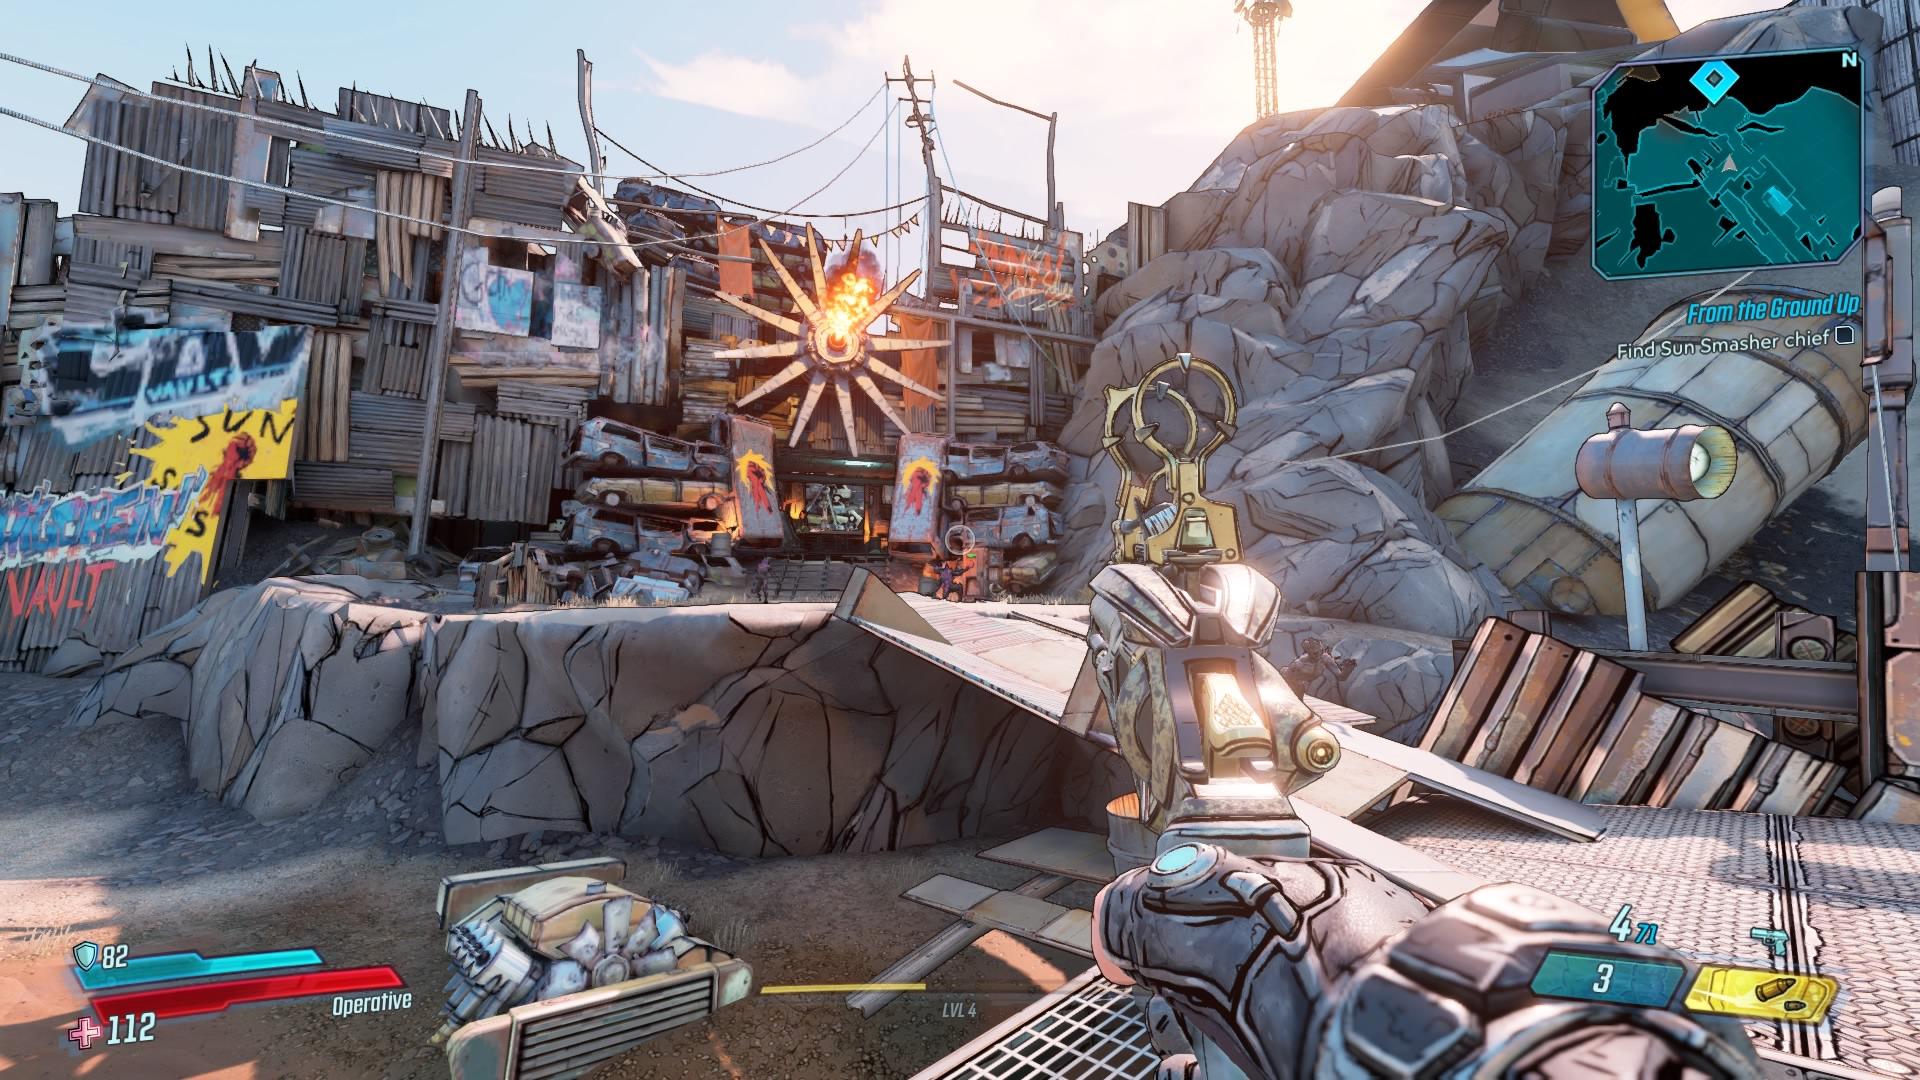 Borderlands 3 - kosmicznie dobra zabawa z kilkoma potknięciami (recenzja) 26